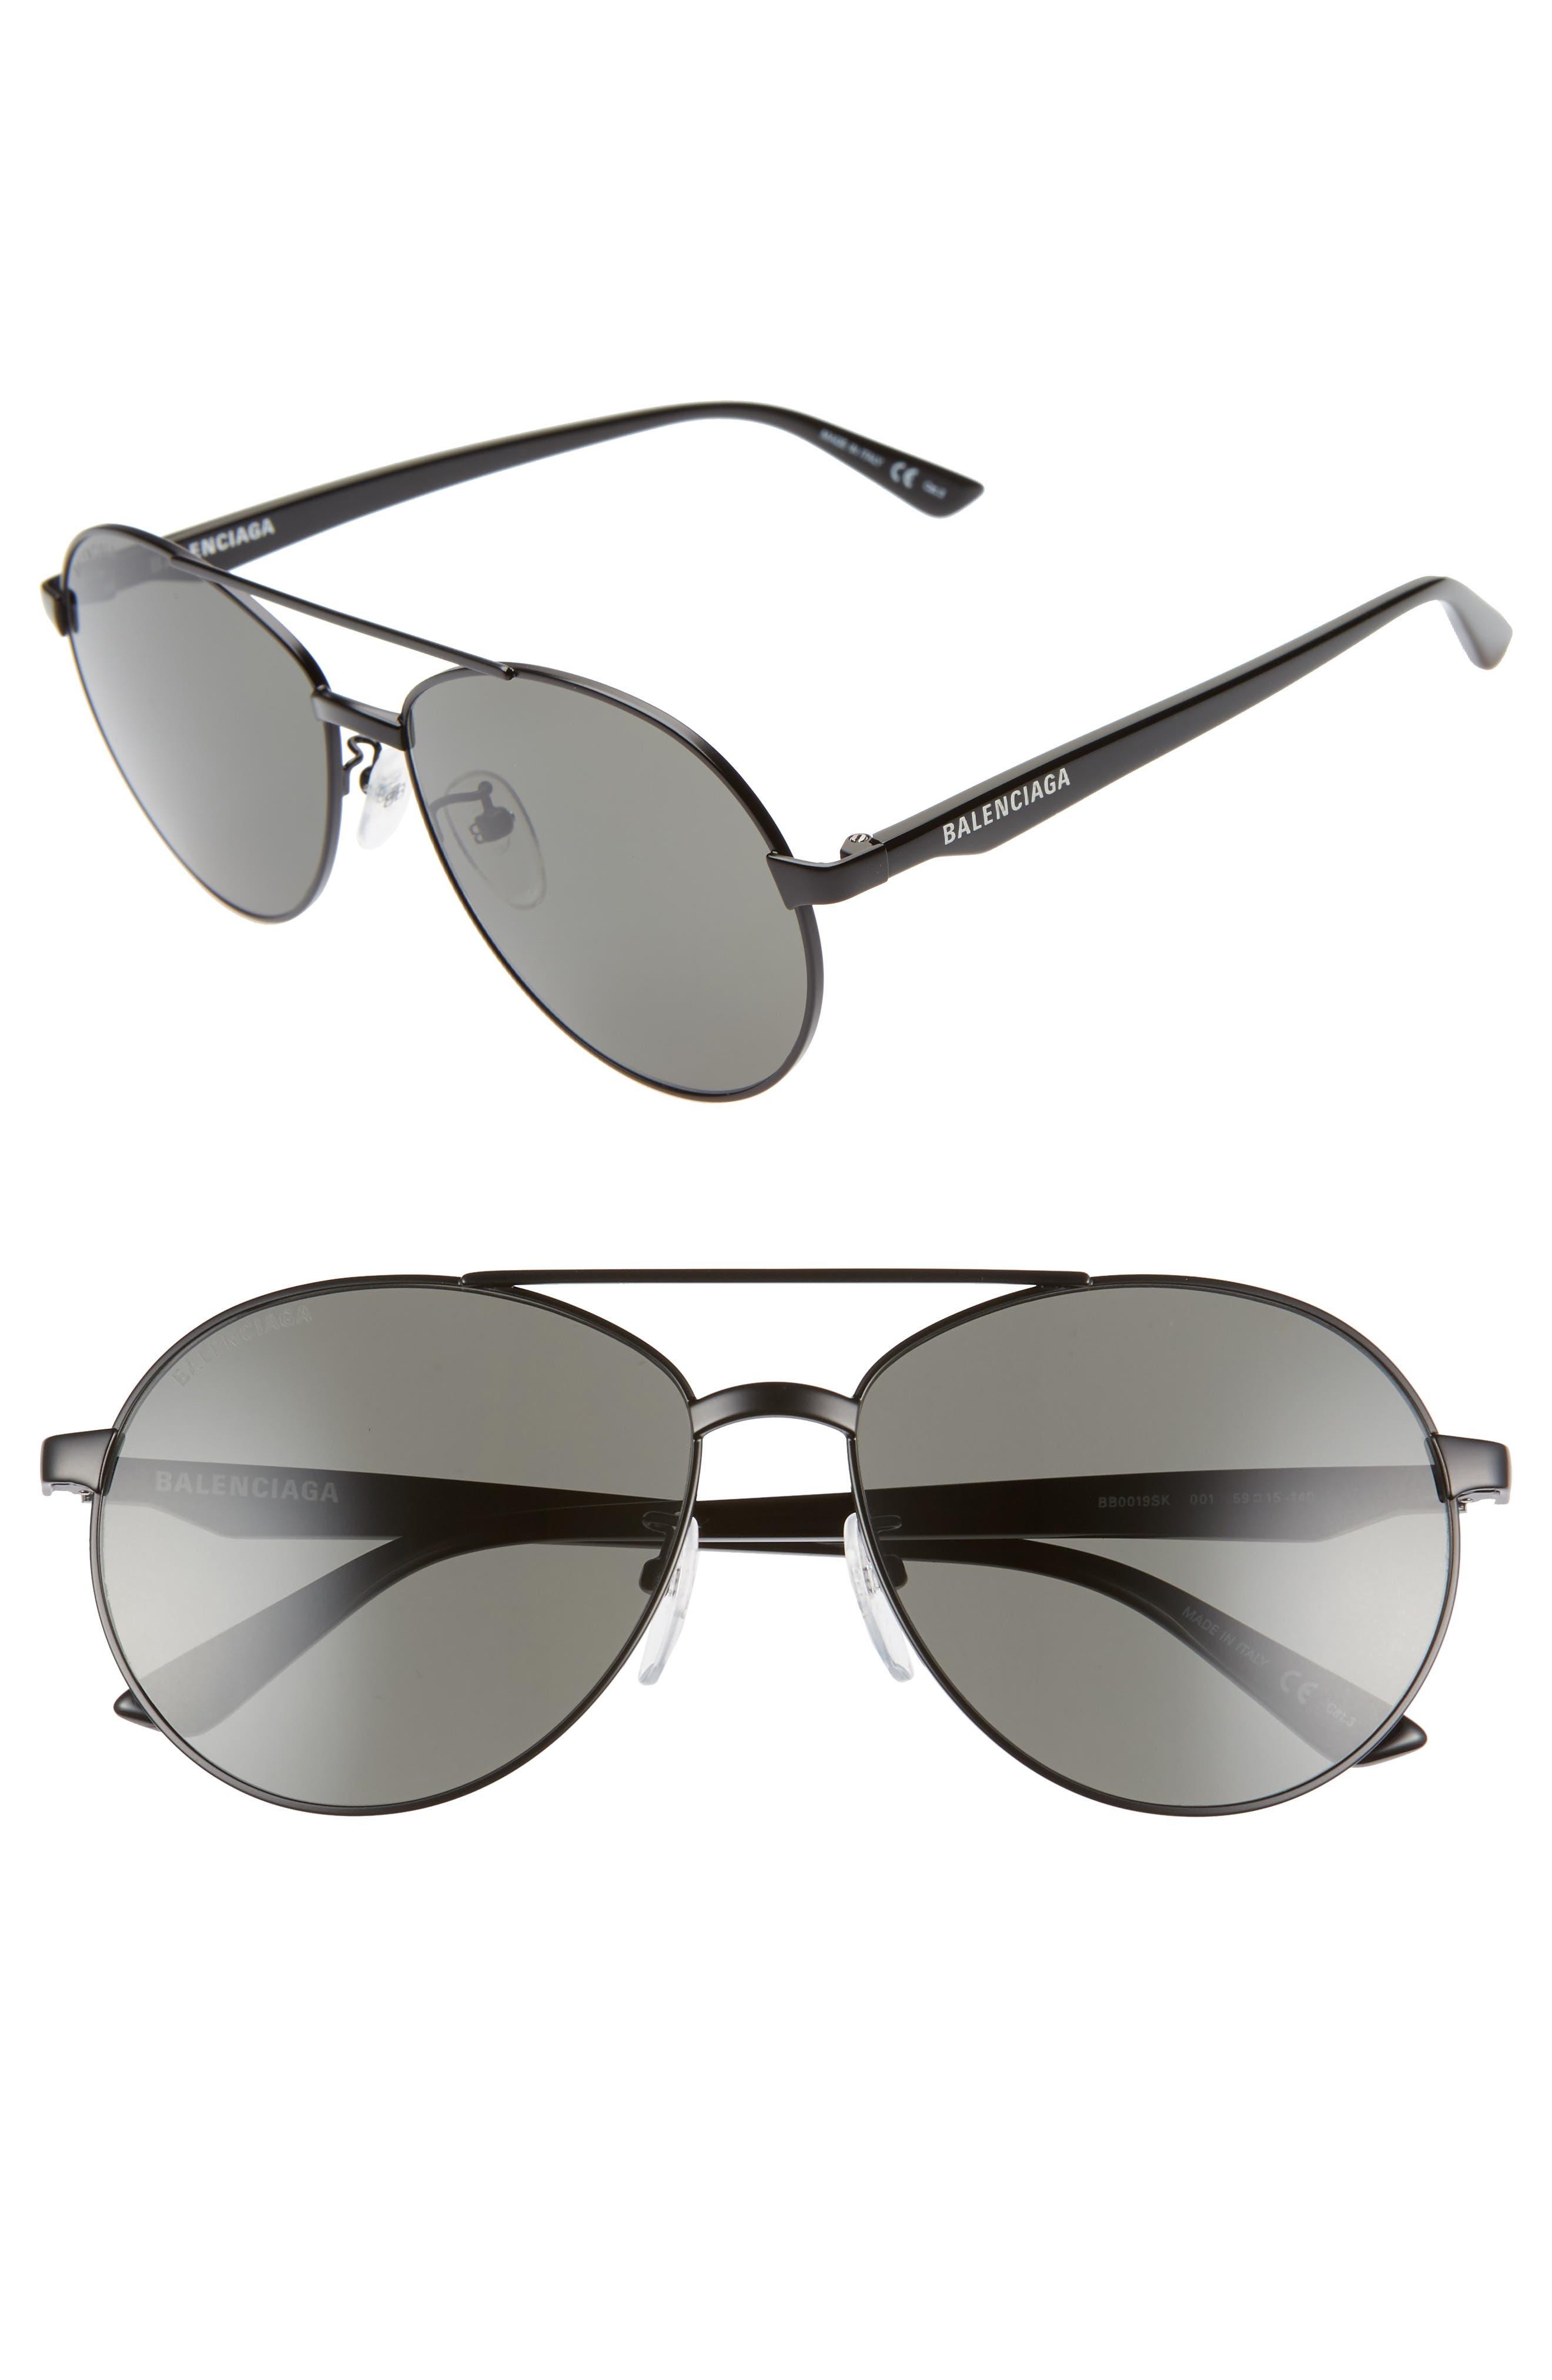 BALENCIAGA 59mm Aviator Sunglasses, Main, color, SEMI-MATTE BLACK/ GREY